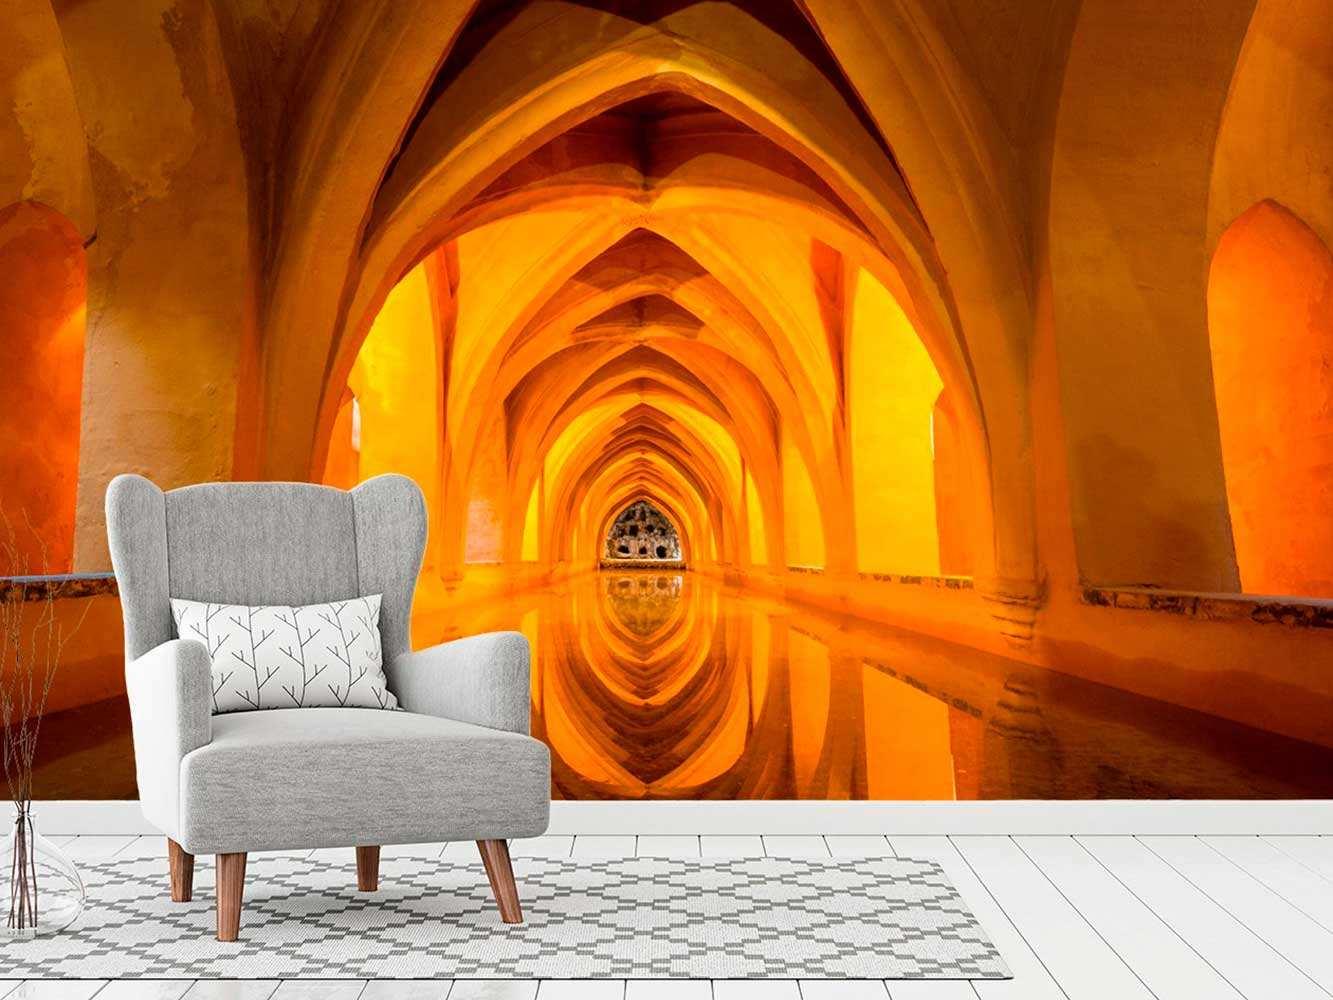 Fotomural Papel Pintado Arcos Góticos | Carteles XXL - Impresión carteleria publicitaria